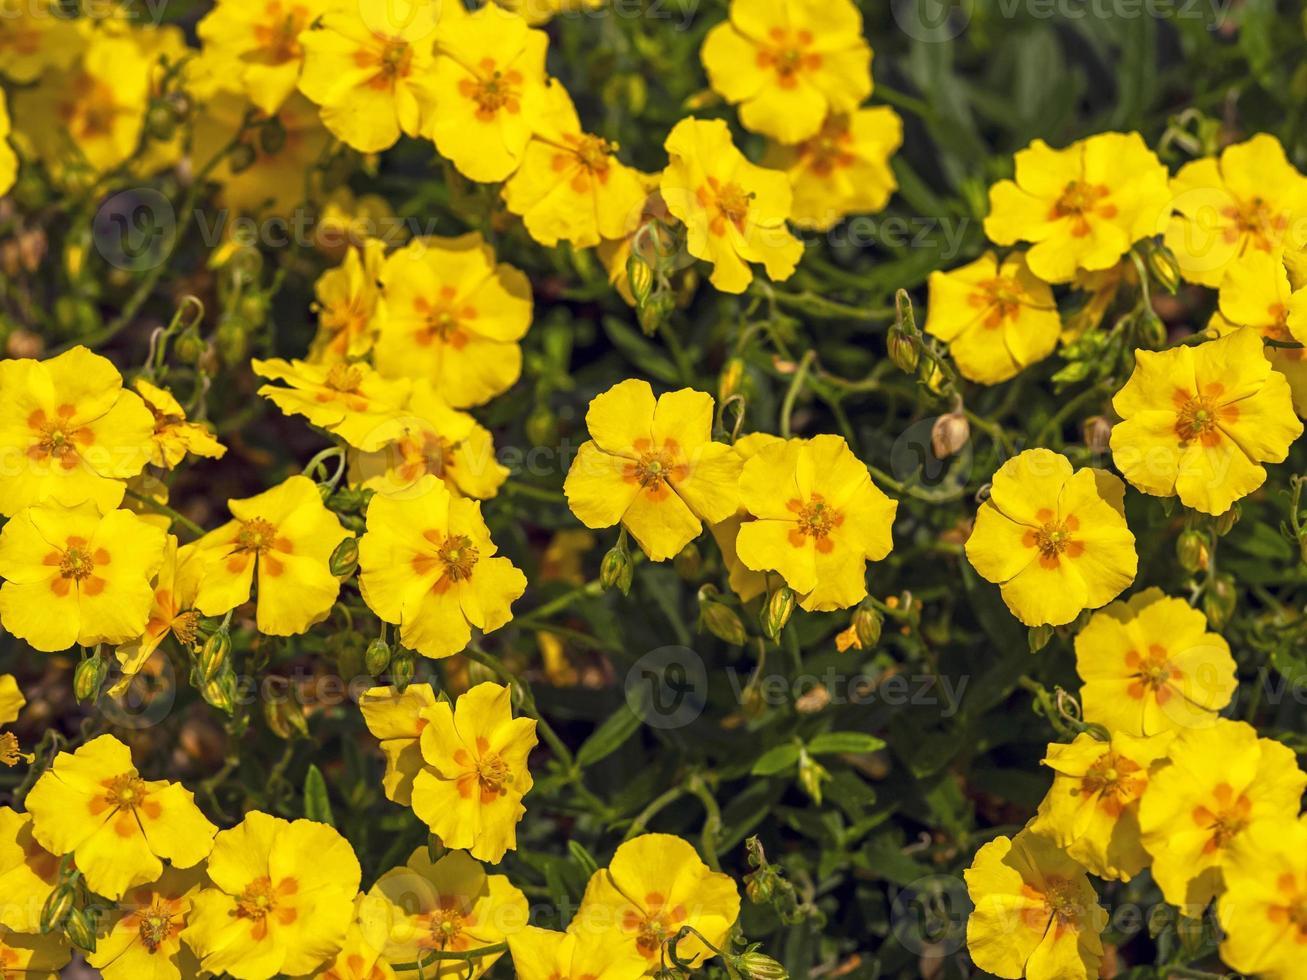 fiori gialli di helianthemum foto